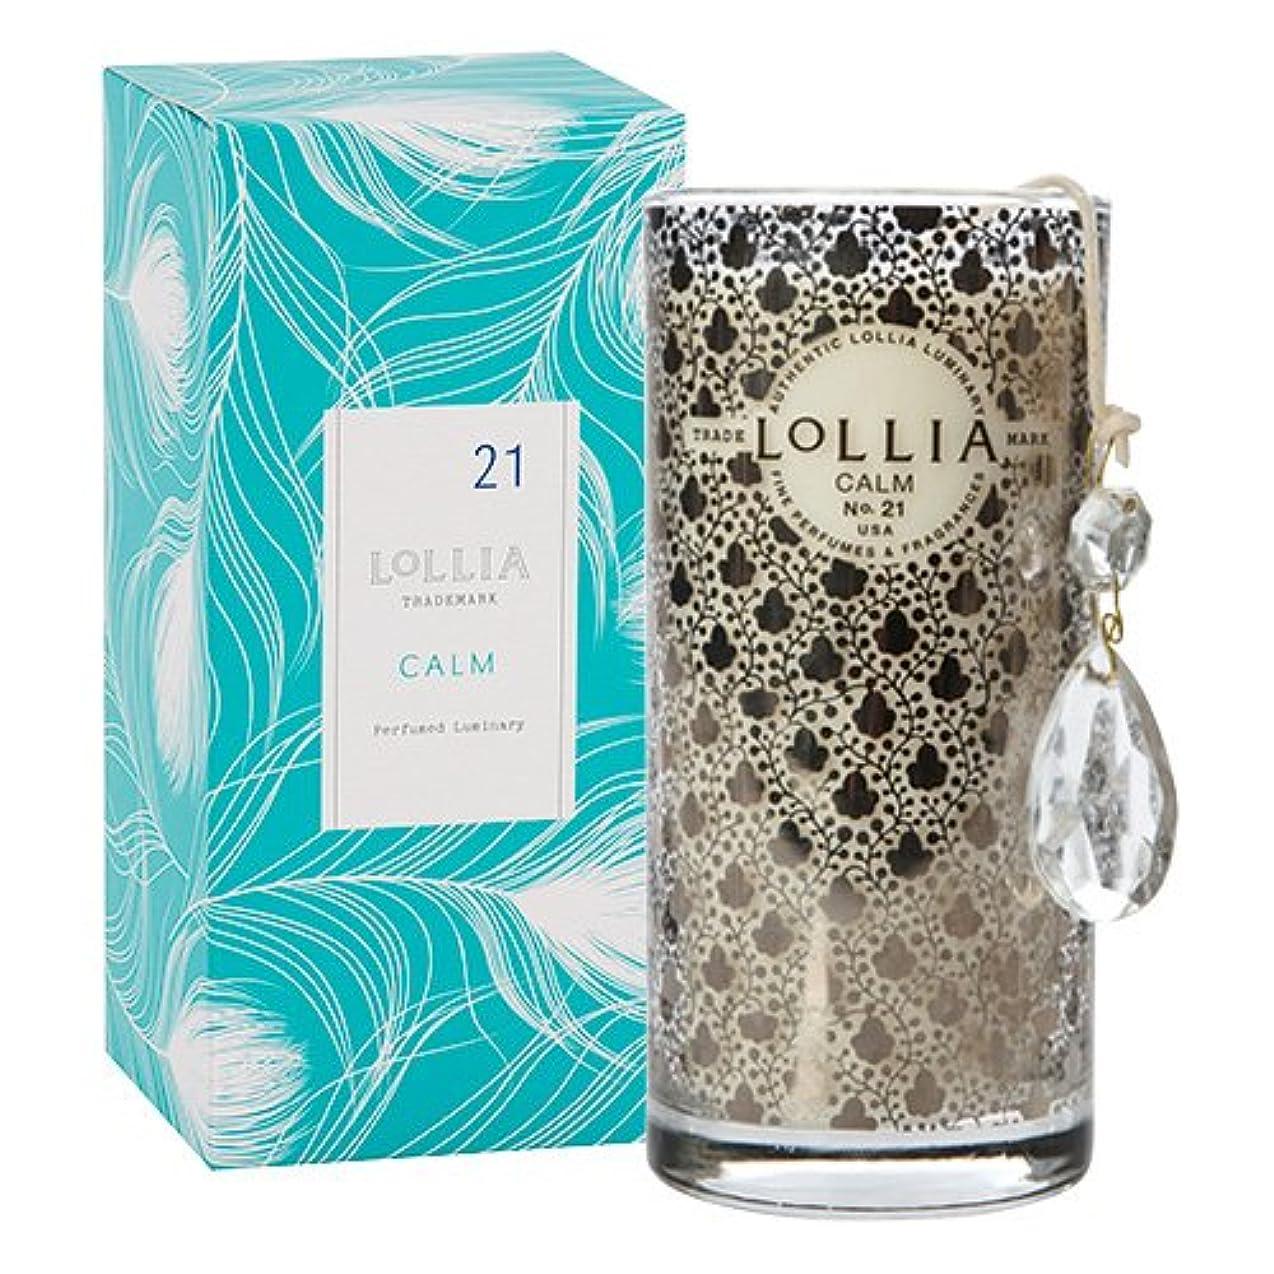 考古学ヘロイン女王ロリア(LoLLIA) プティパフュームドルミナリー290g Calm(チャーム付キャンドル アイリス、シトラス、ヒヤシンスのクリーン&フレッシュな香り)